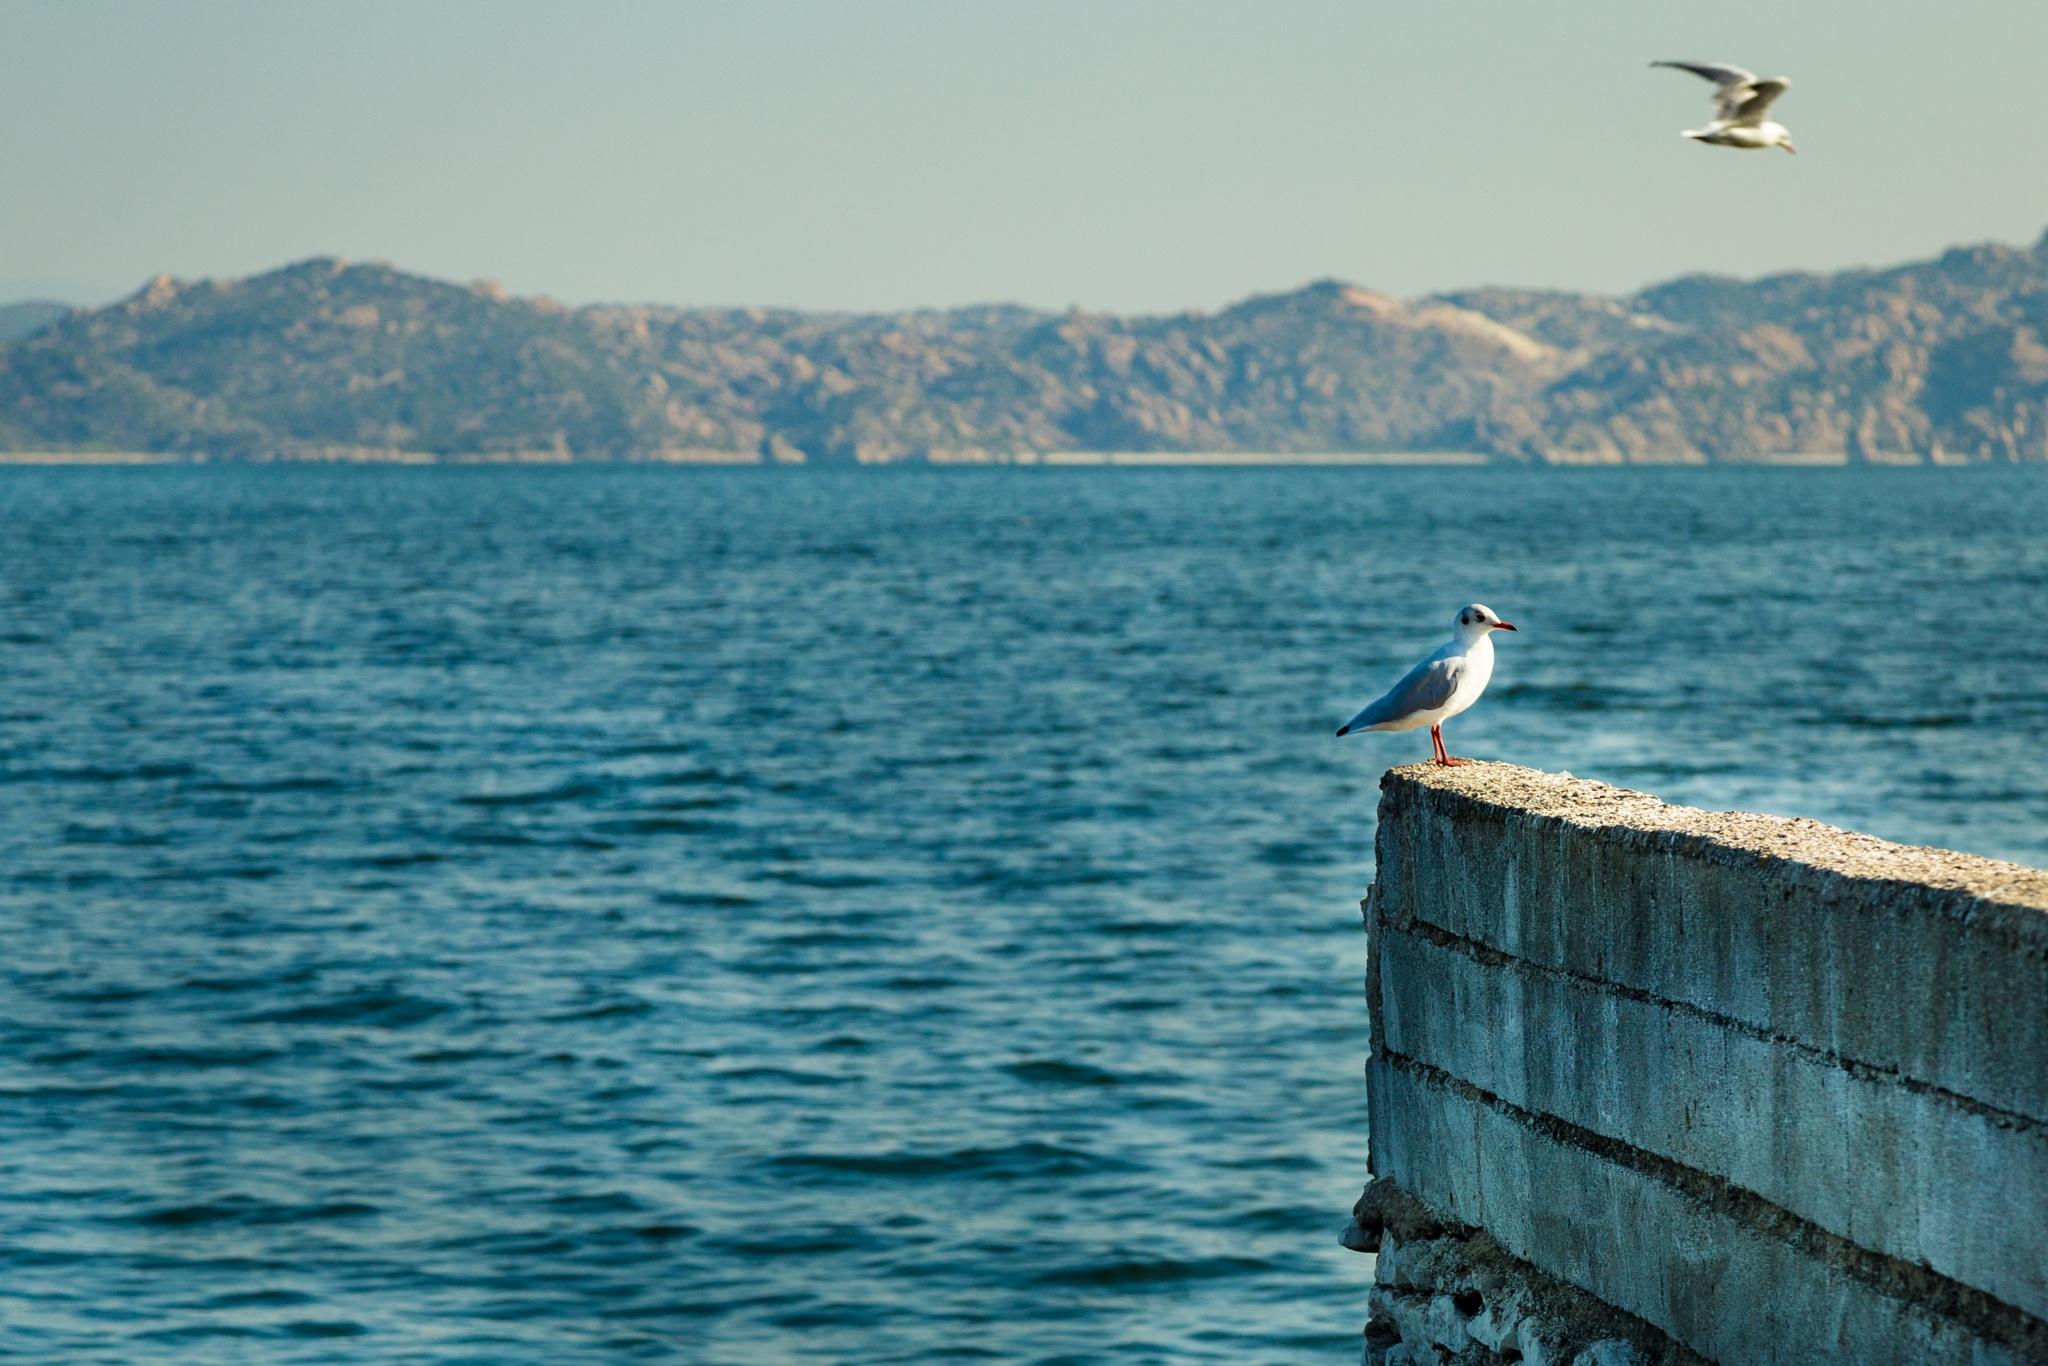 Birds by the sea by AdrianPerekPL